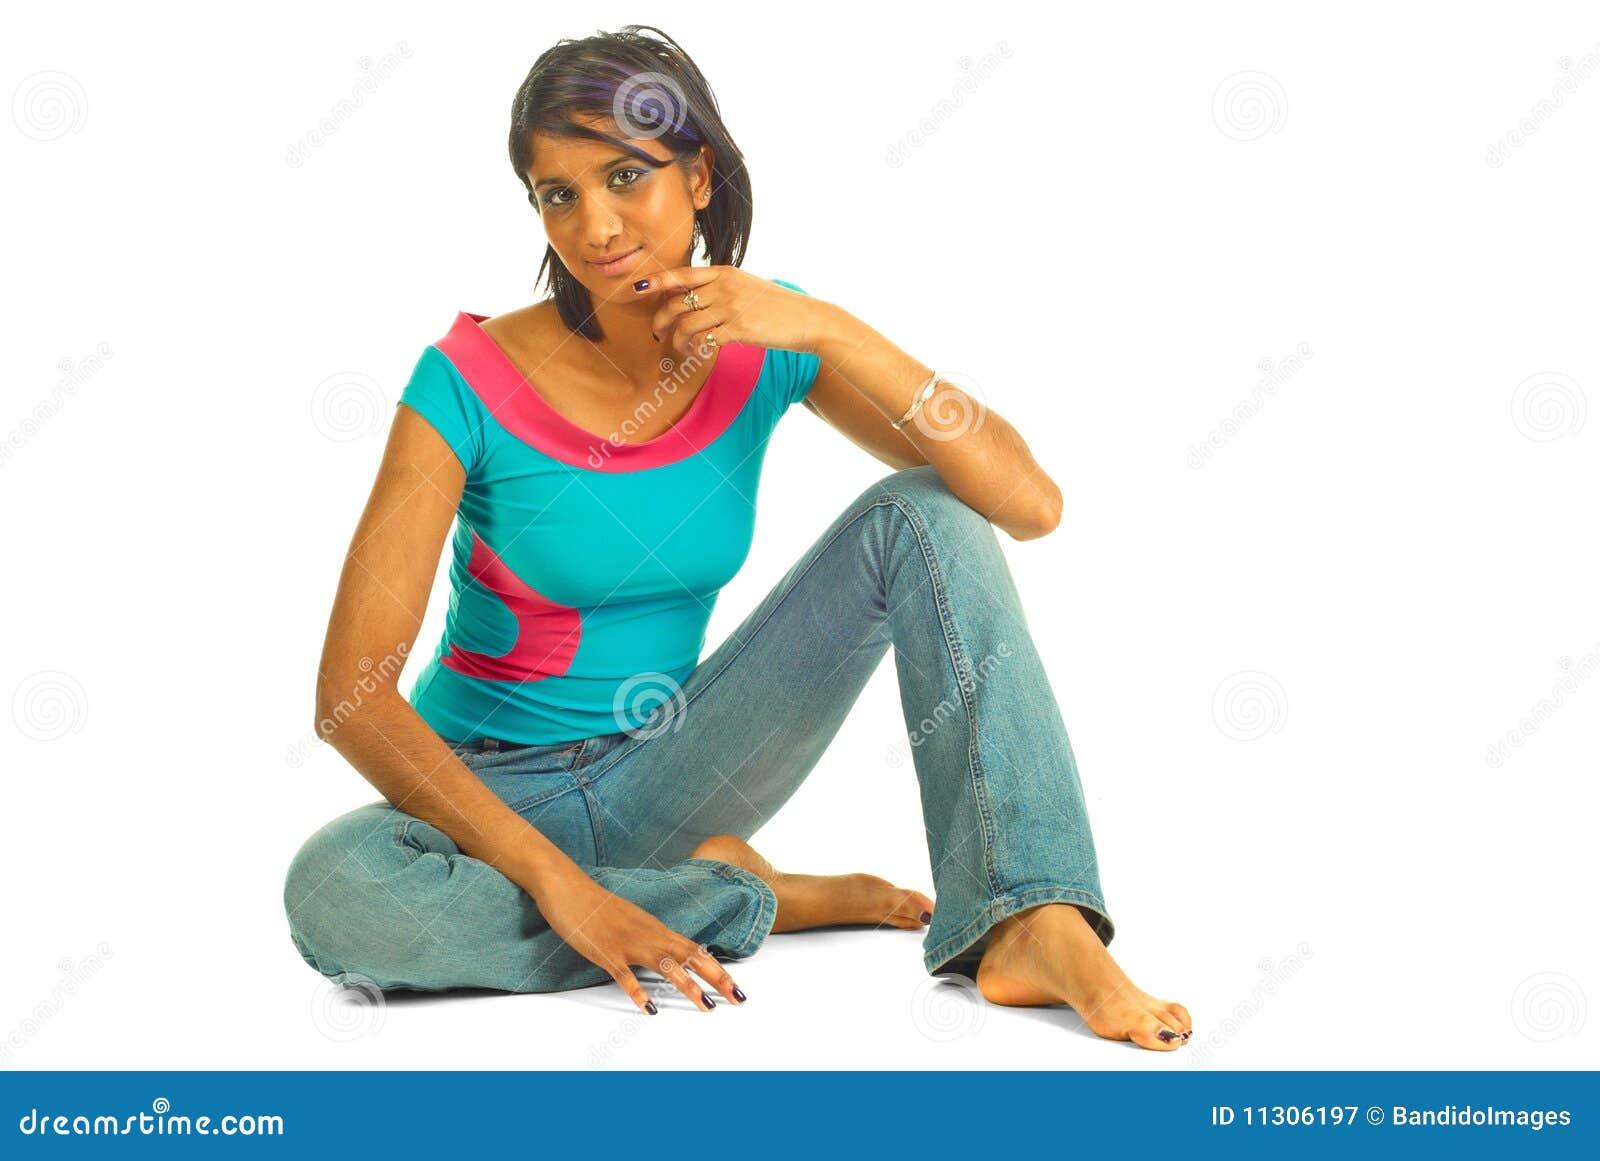 Schöne braune Frau, die auf dem Fußboden sitzt